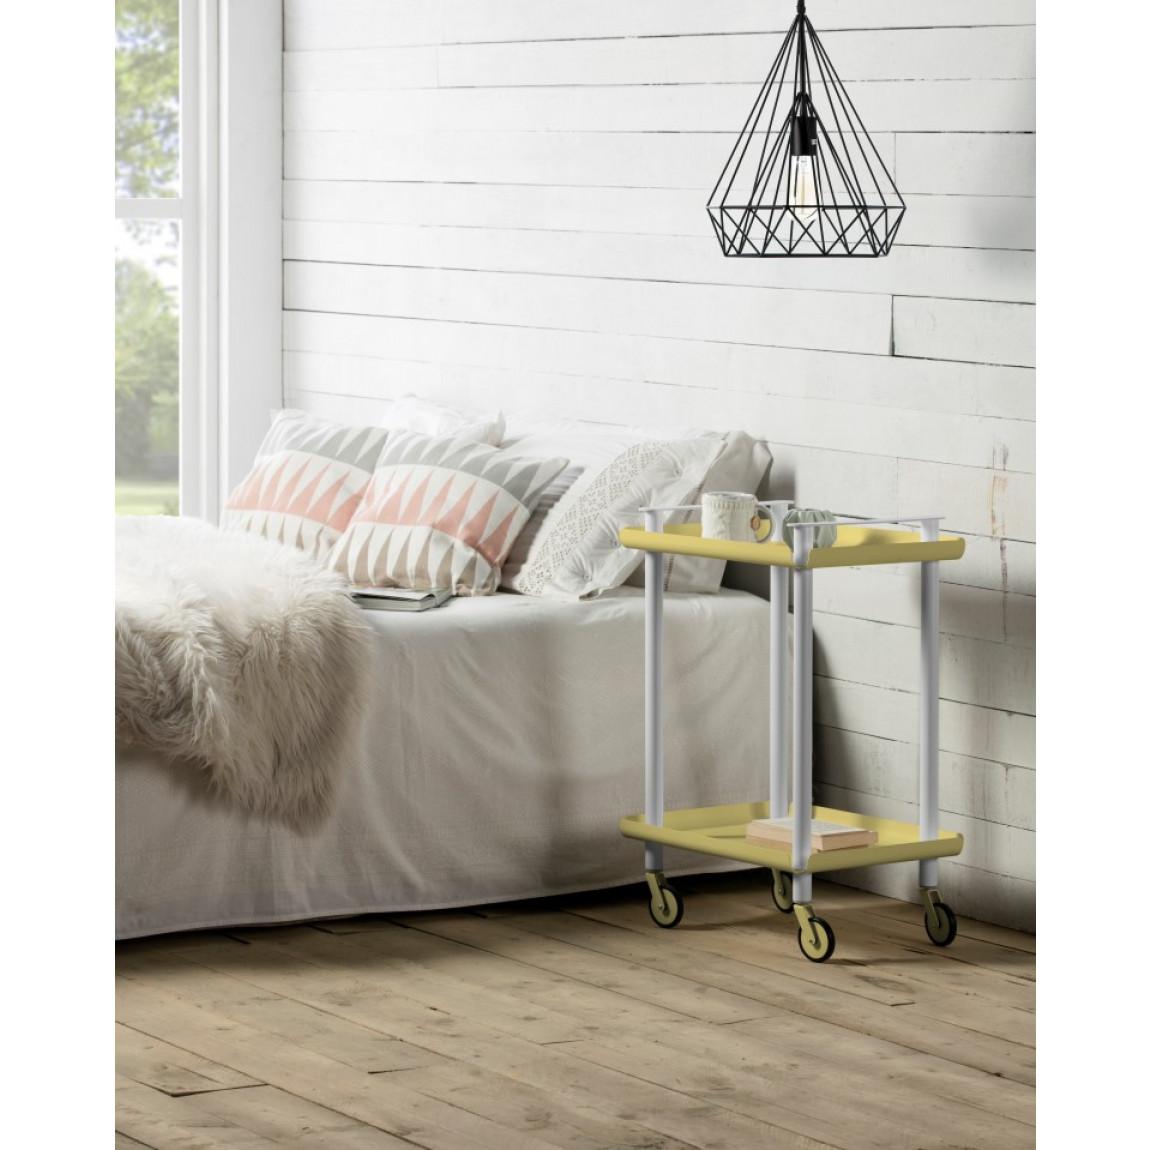 Trolley Leky H 73 cm | Grau-Grün